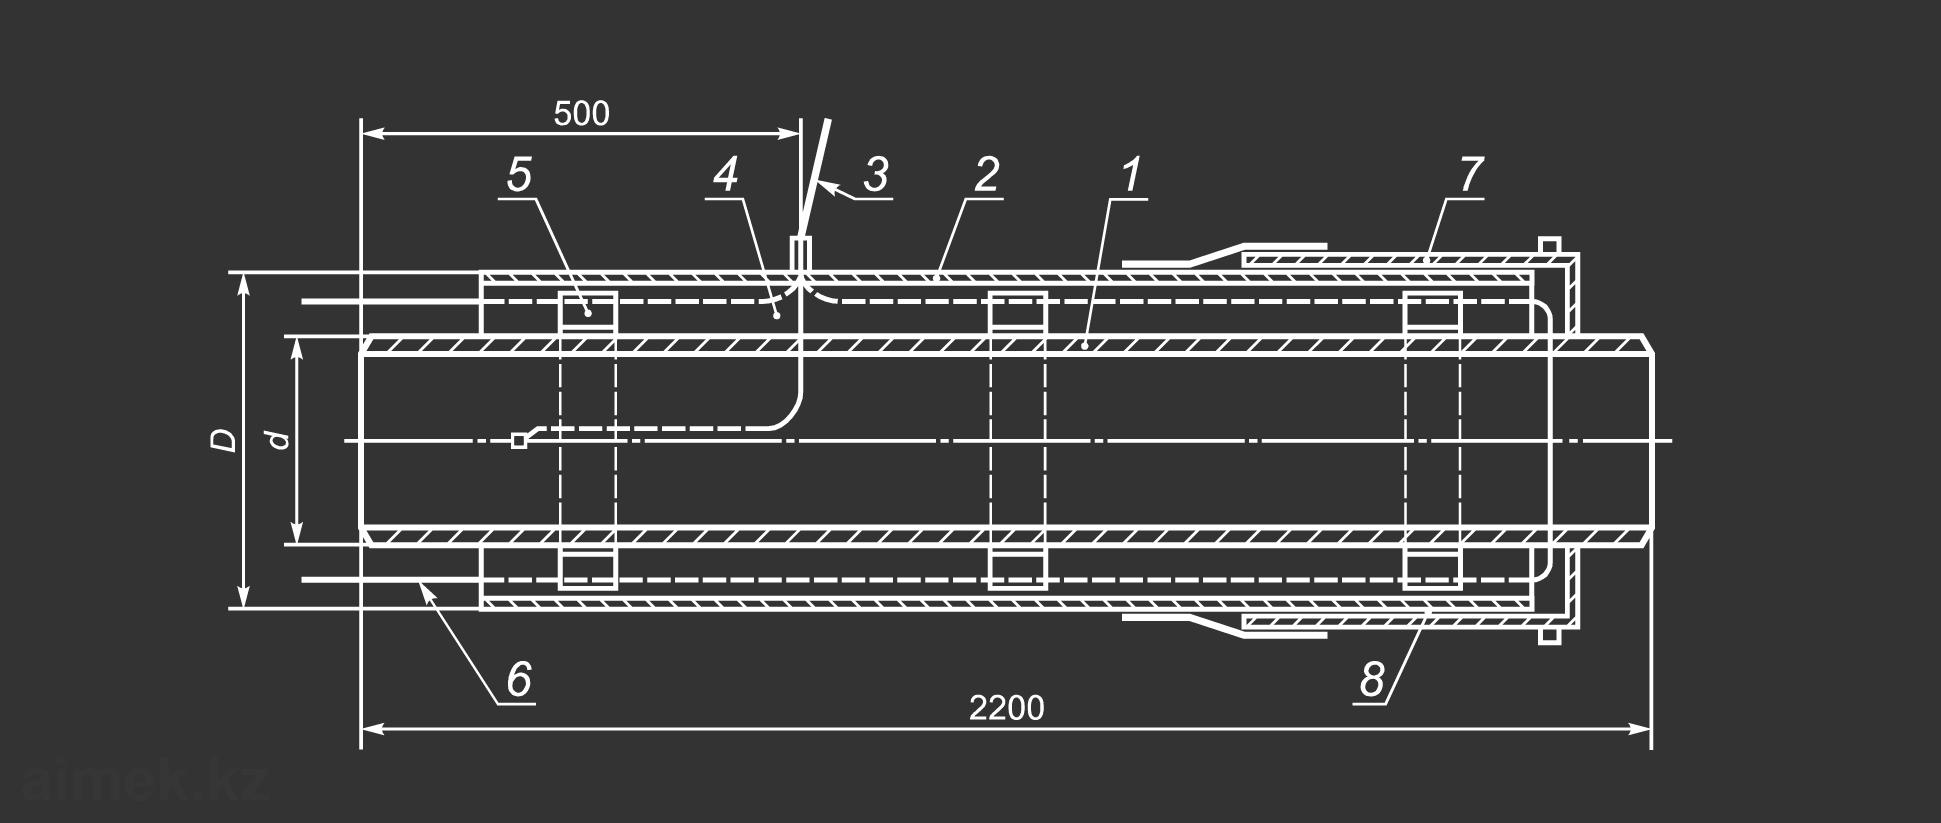 Чертеж концевого элемента трубопровода с кабелем вывода